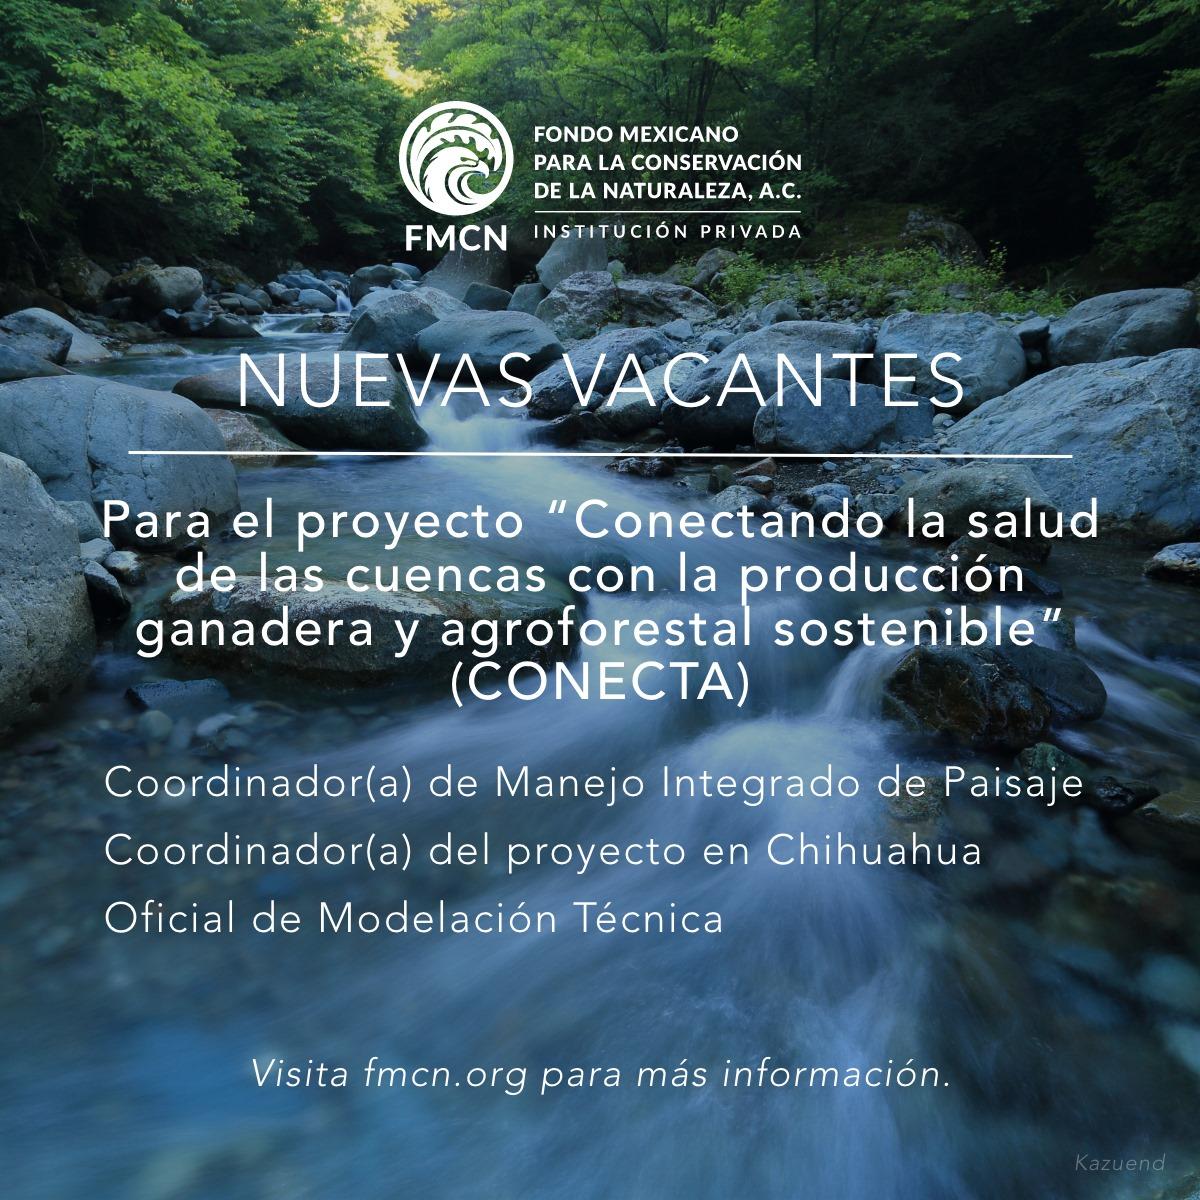 """Vacantes – """"Conectando la salud de las cuencas con la producción ganadera y agroforestal sostenible"""" (FMCN, INECC)"""